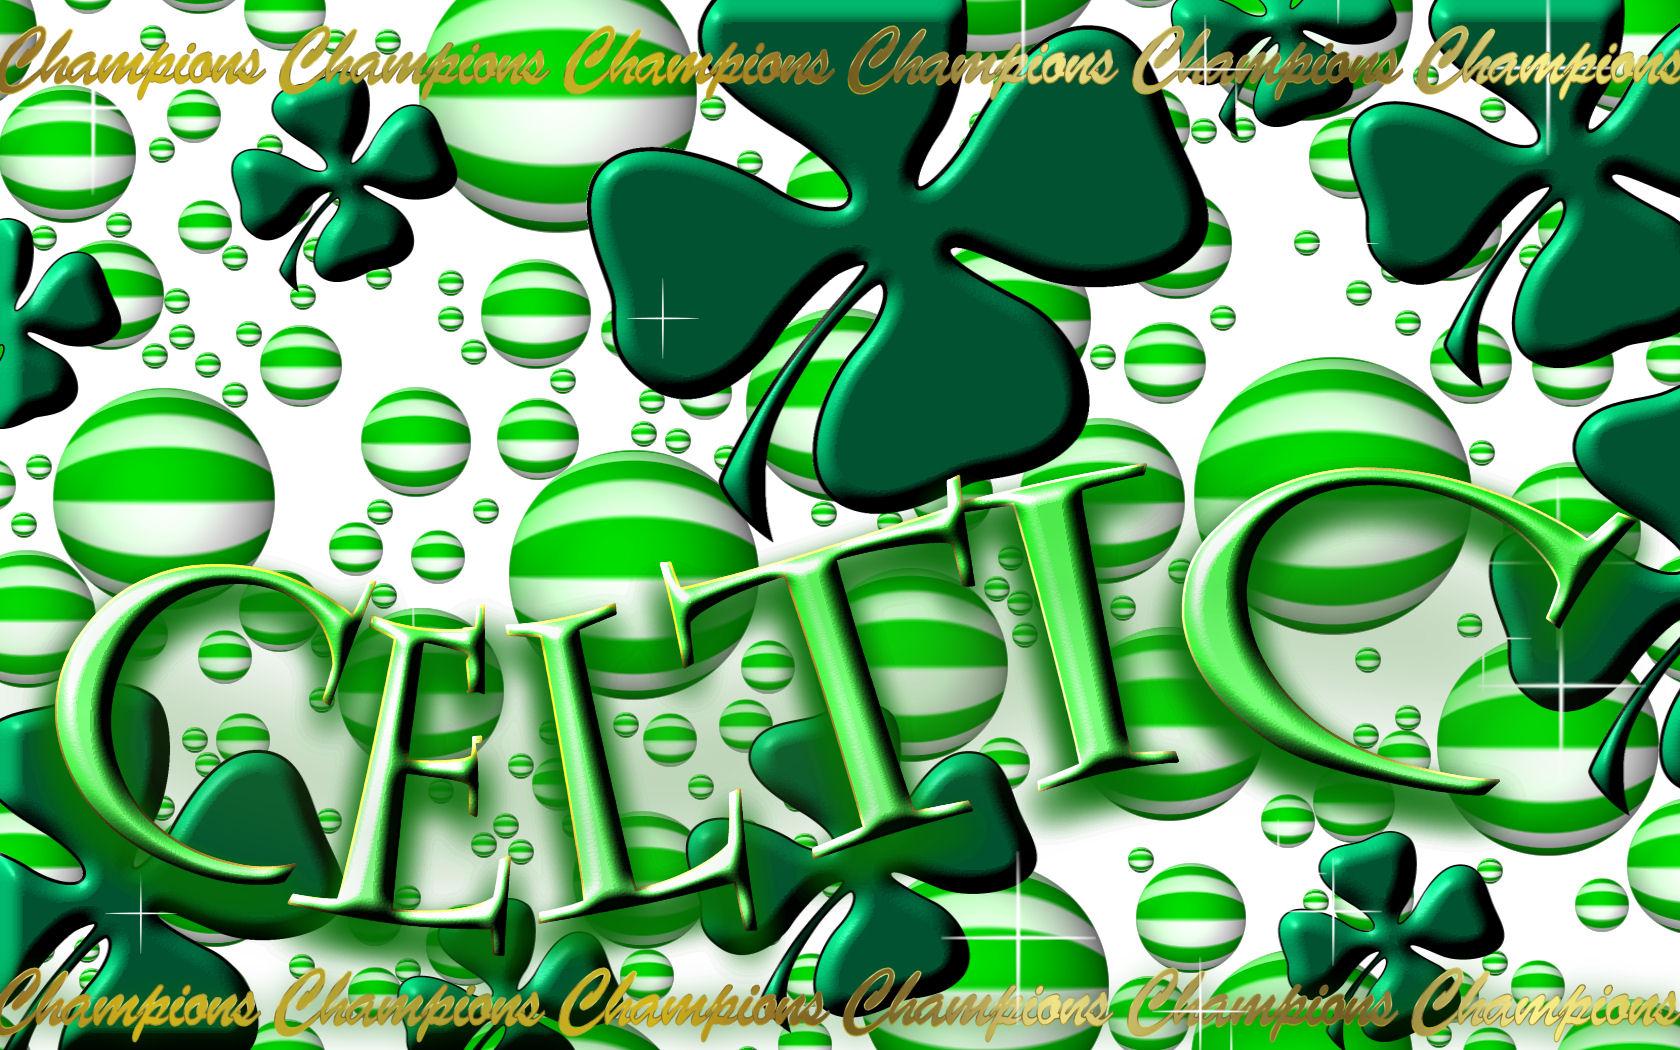 celtic fc wallpaper by sookie by sookiesooker fan art wallpaper other 1680x1050